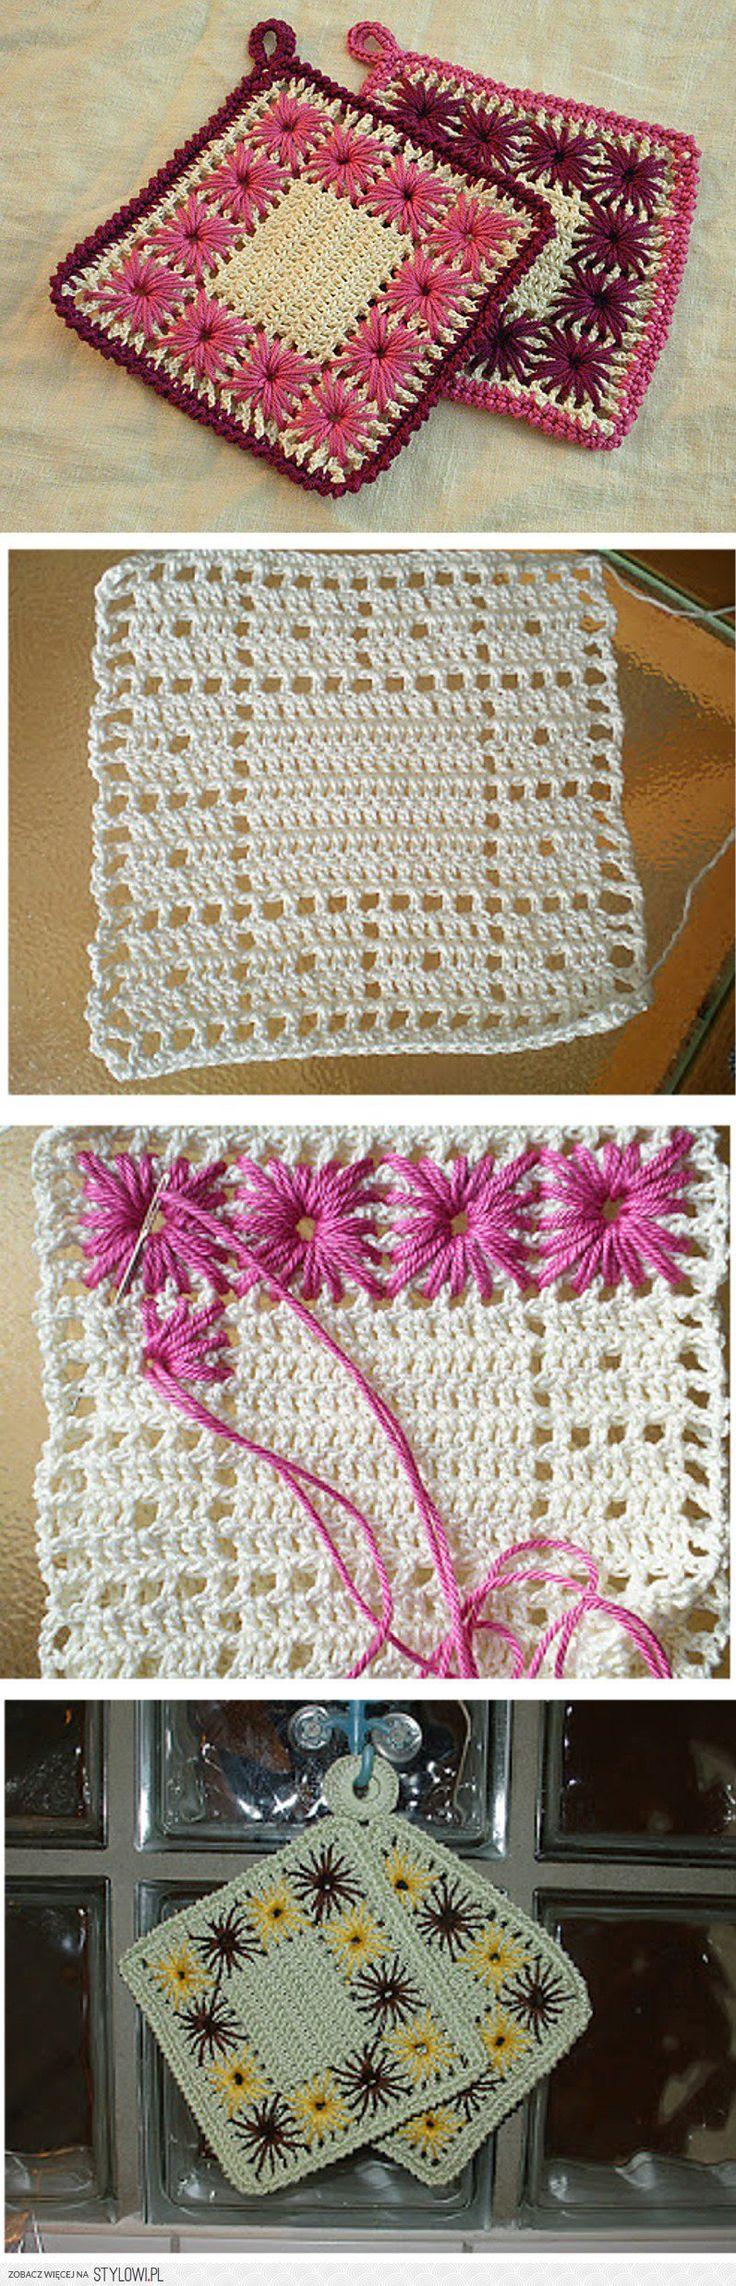 topflappen häkeln - crochet potholder